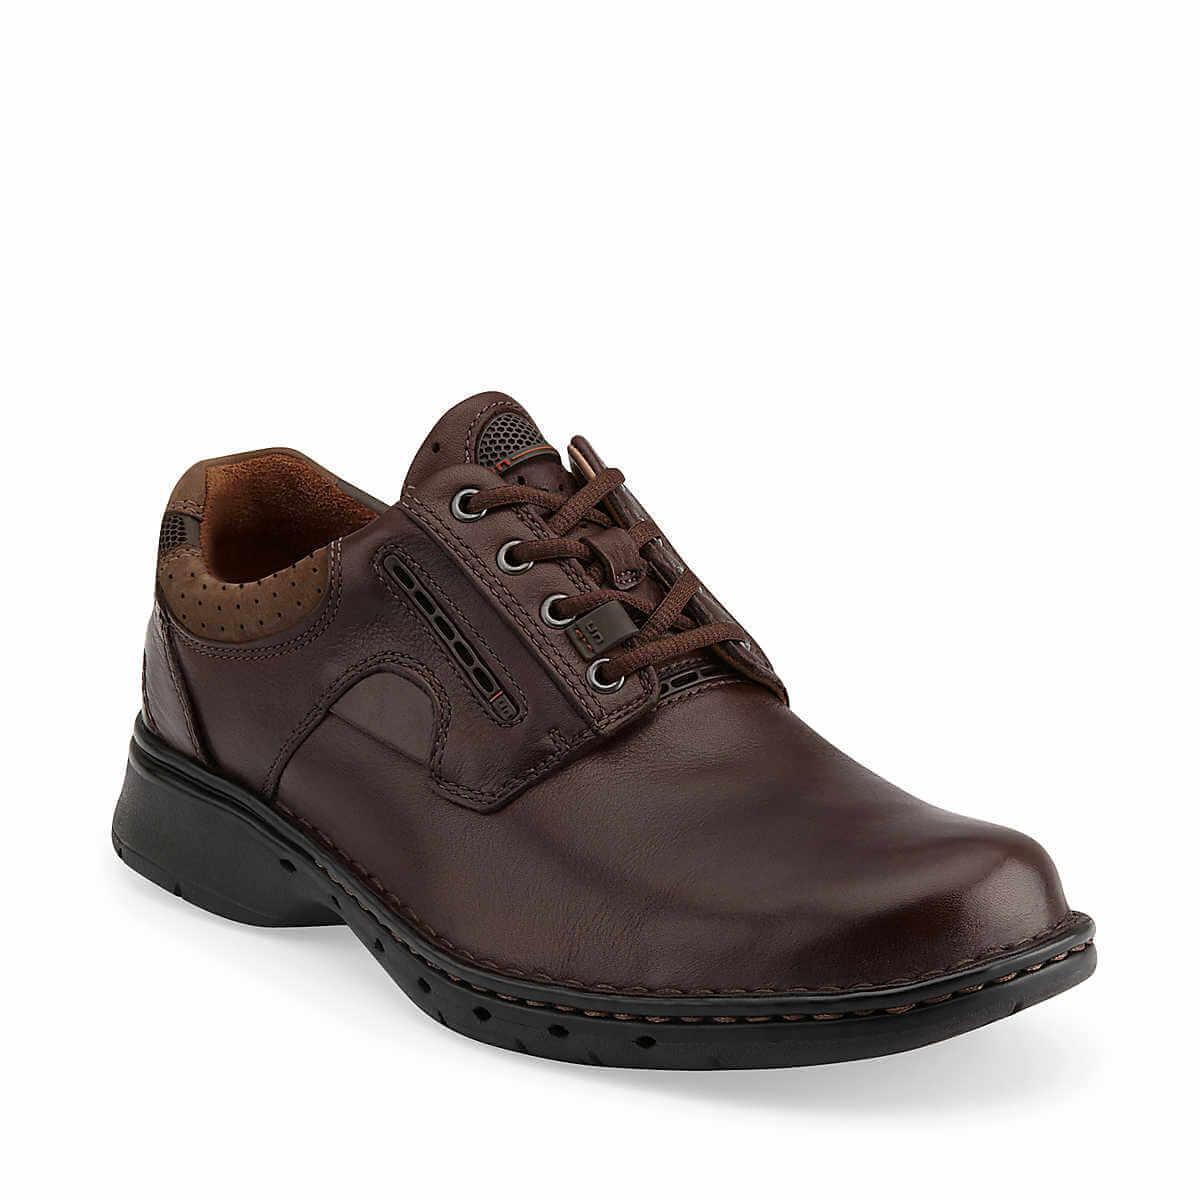 Mens Shoes For Hallux Limitus